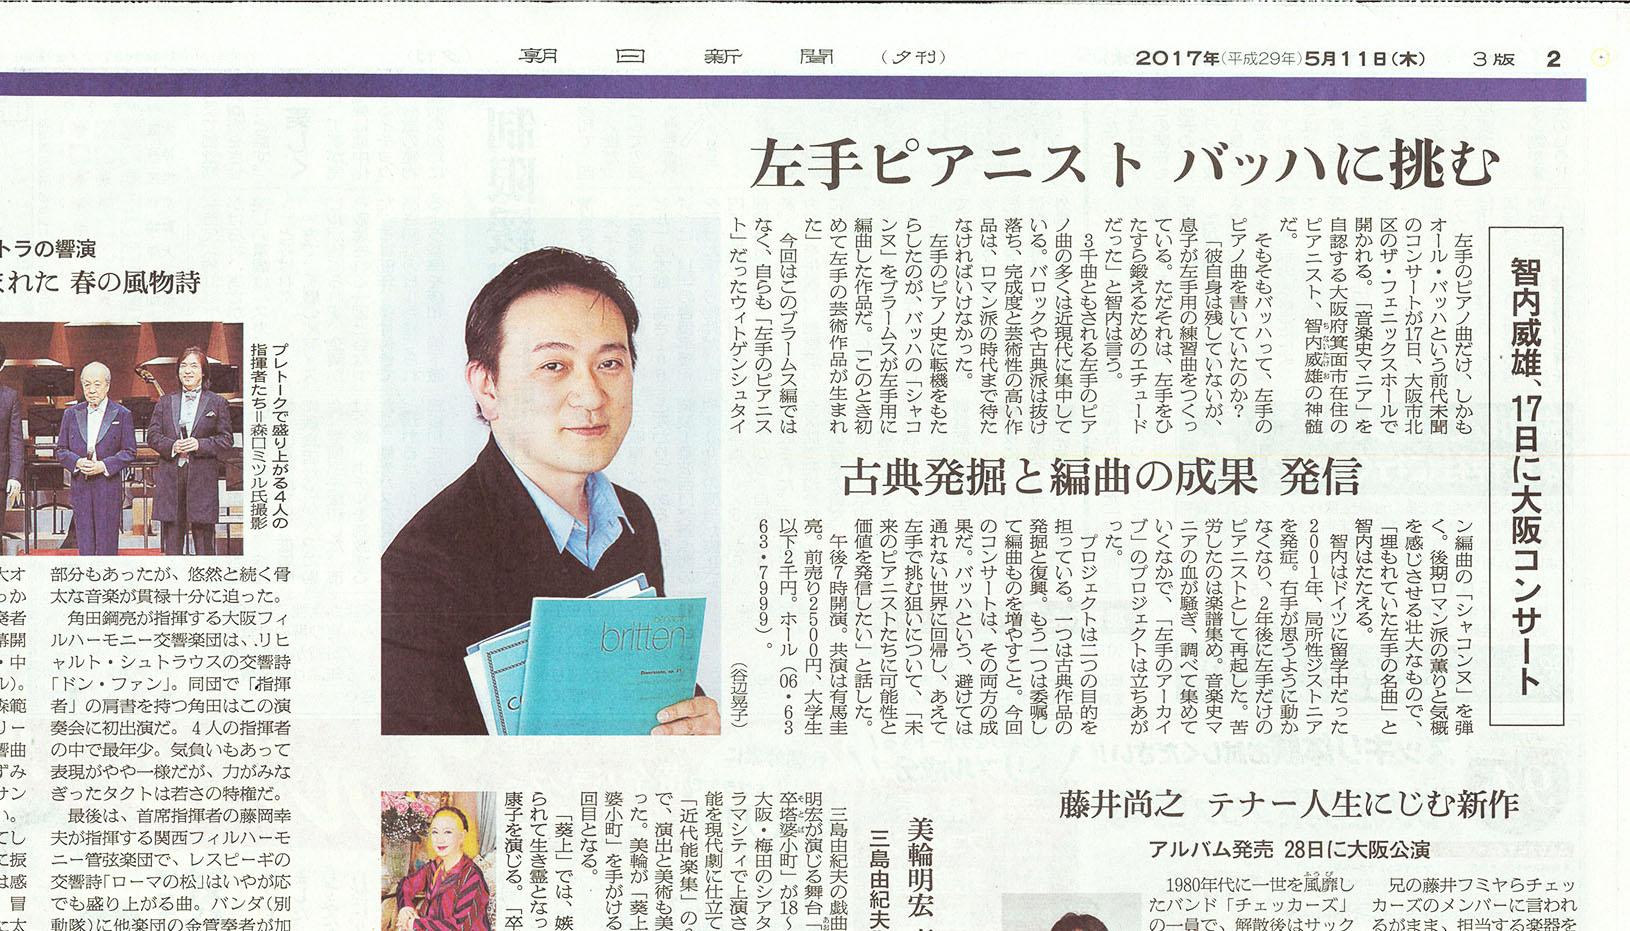 20170511 朝日新聞切り抜き@